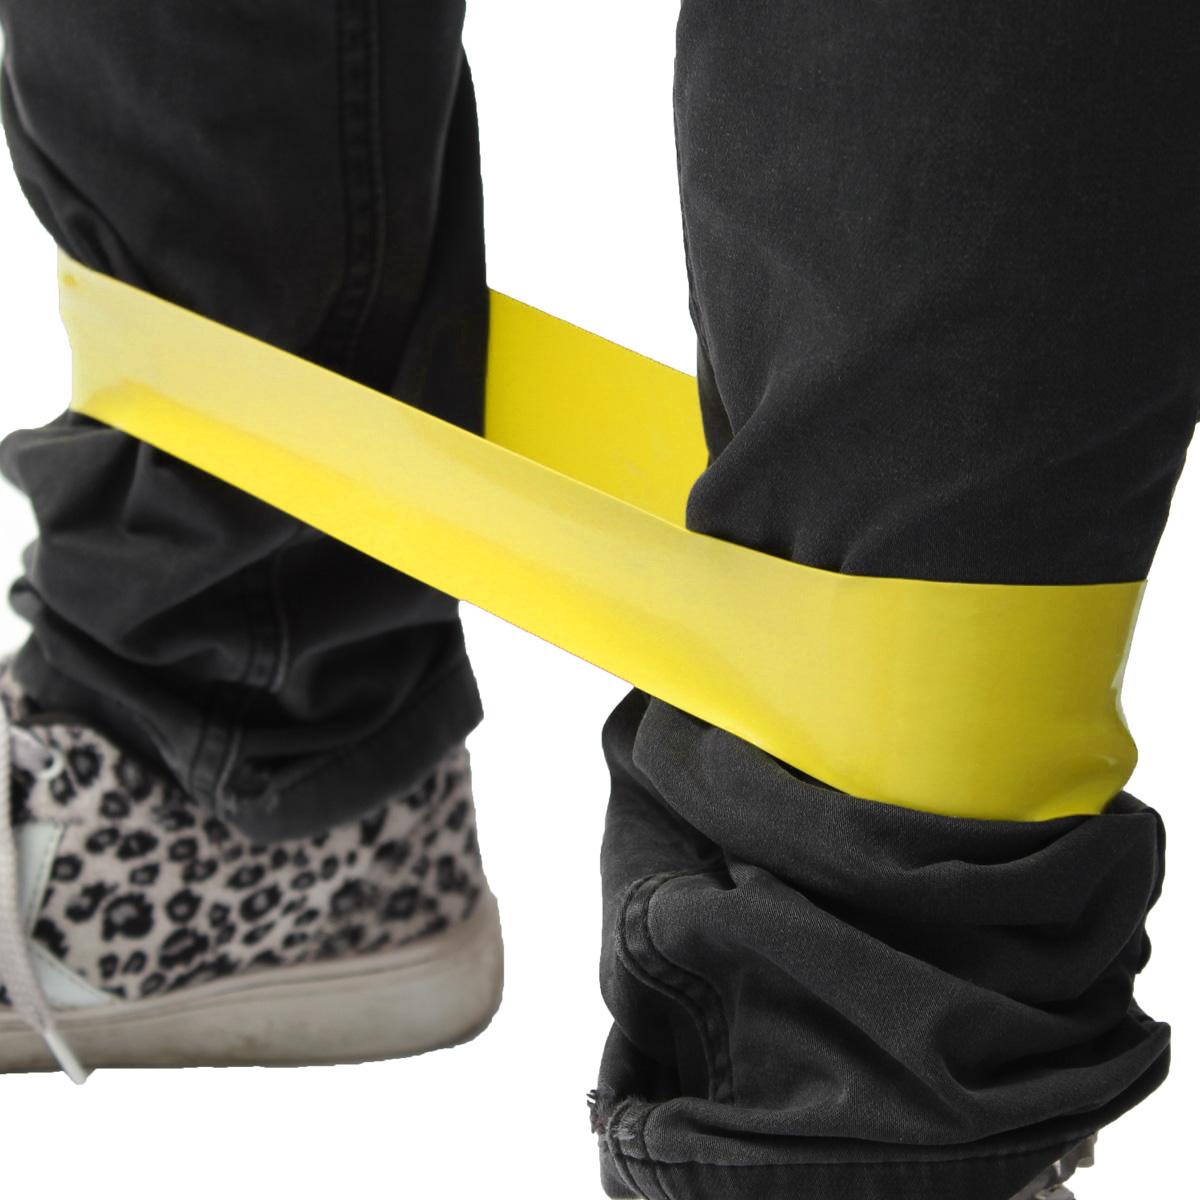 Bande r sistance tension elastique musculation yoga gym for Elastique musculation